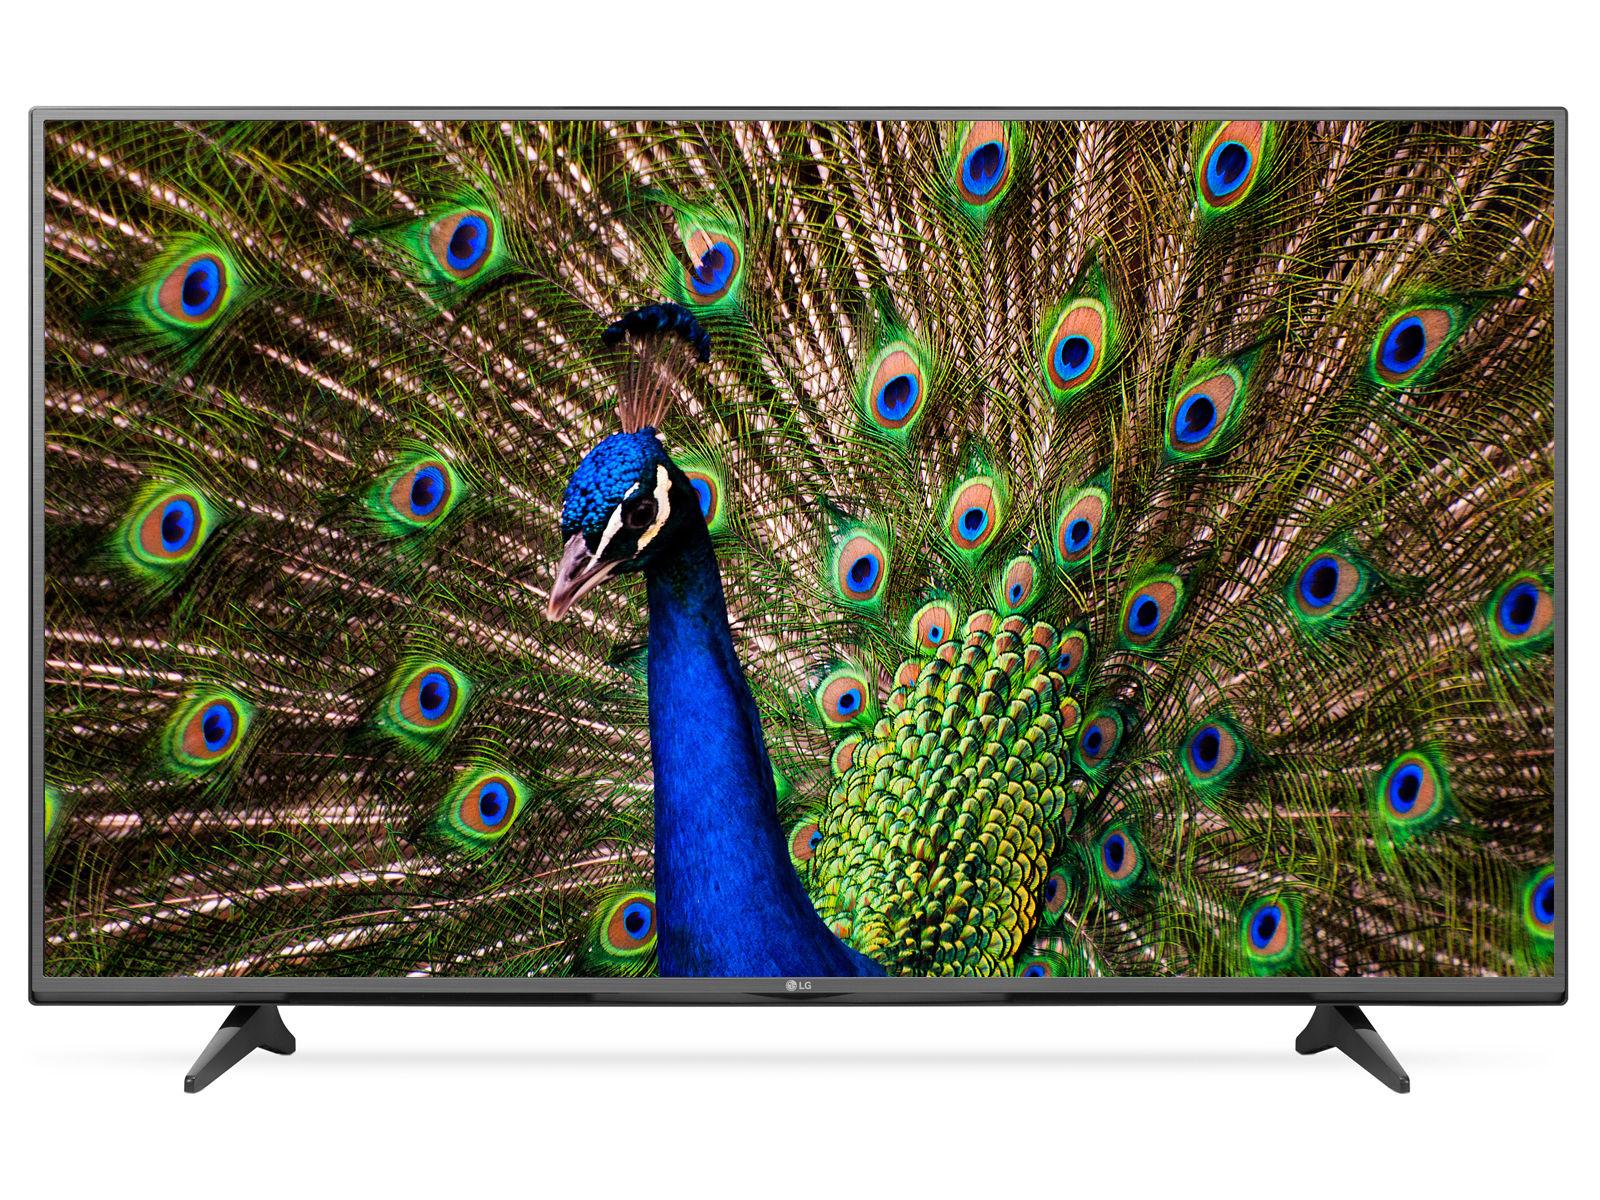 LG Flat Panel Television 55UF6800